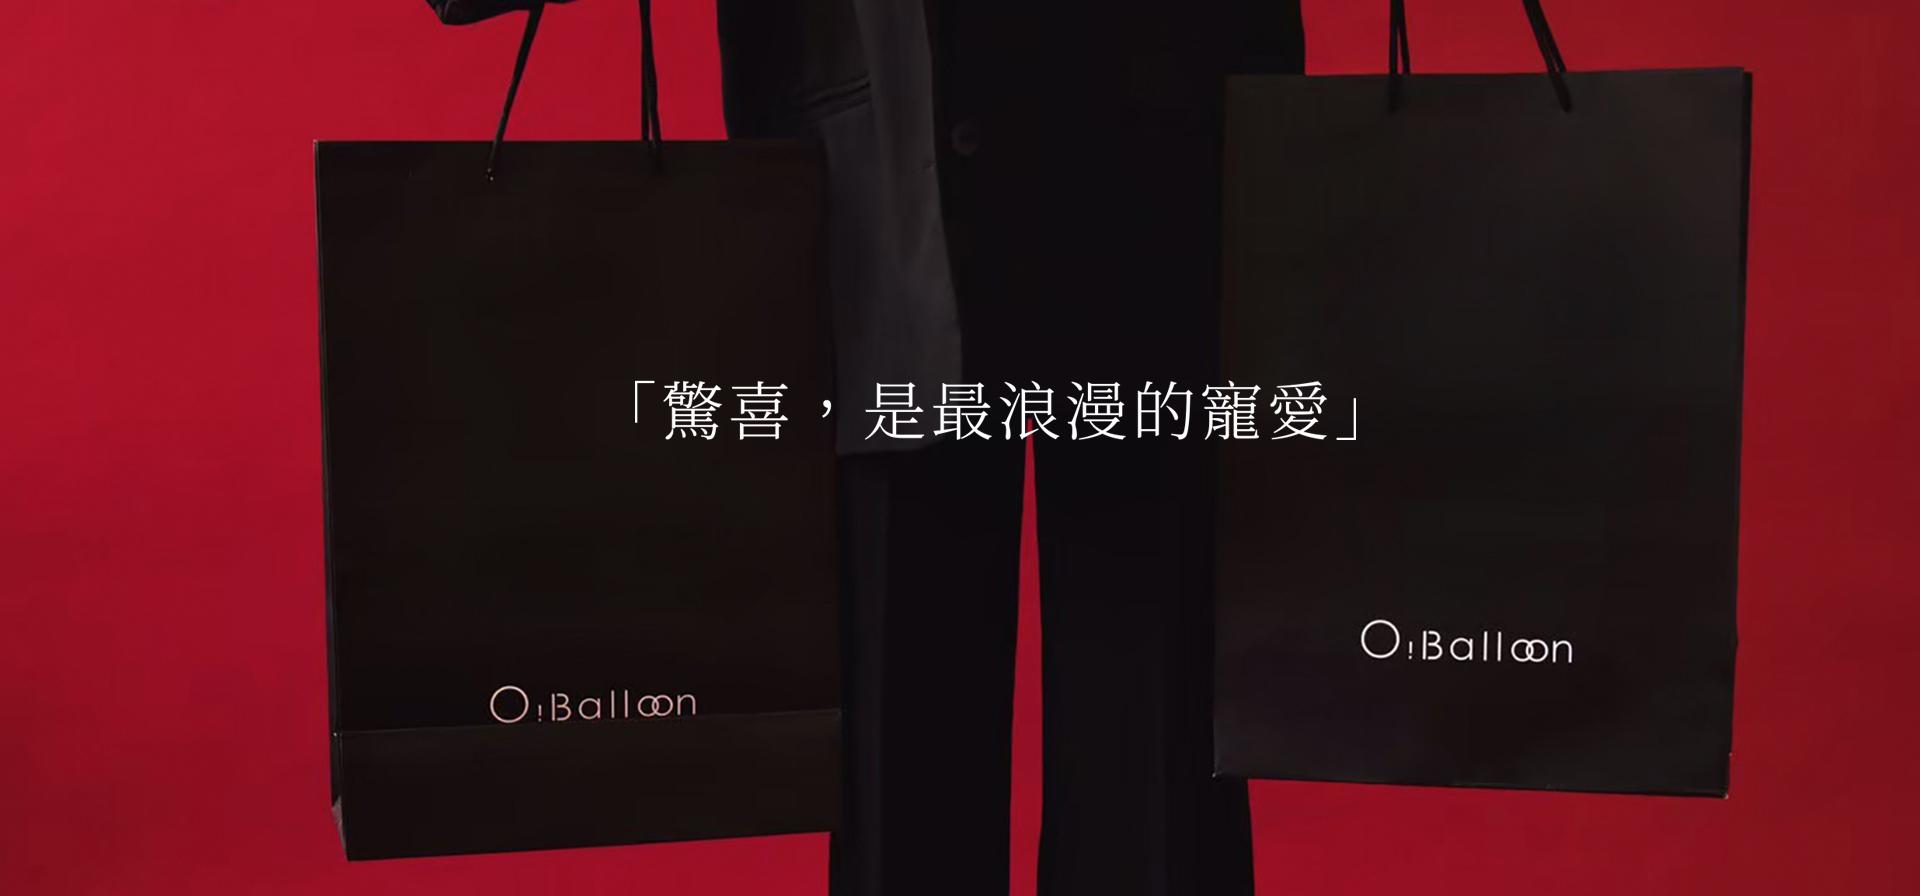 精品,氣球,精品氣球,驚喜,禮物,派對,生日,情人,飄浮,藝術,佈置,派對佈置,生日佈置,時尚,歡樂,婚禮,婚禮佈置,balloon,balloons,party,birthday,gift,decoration